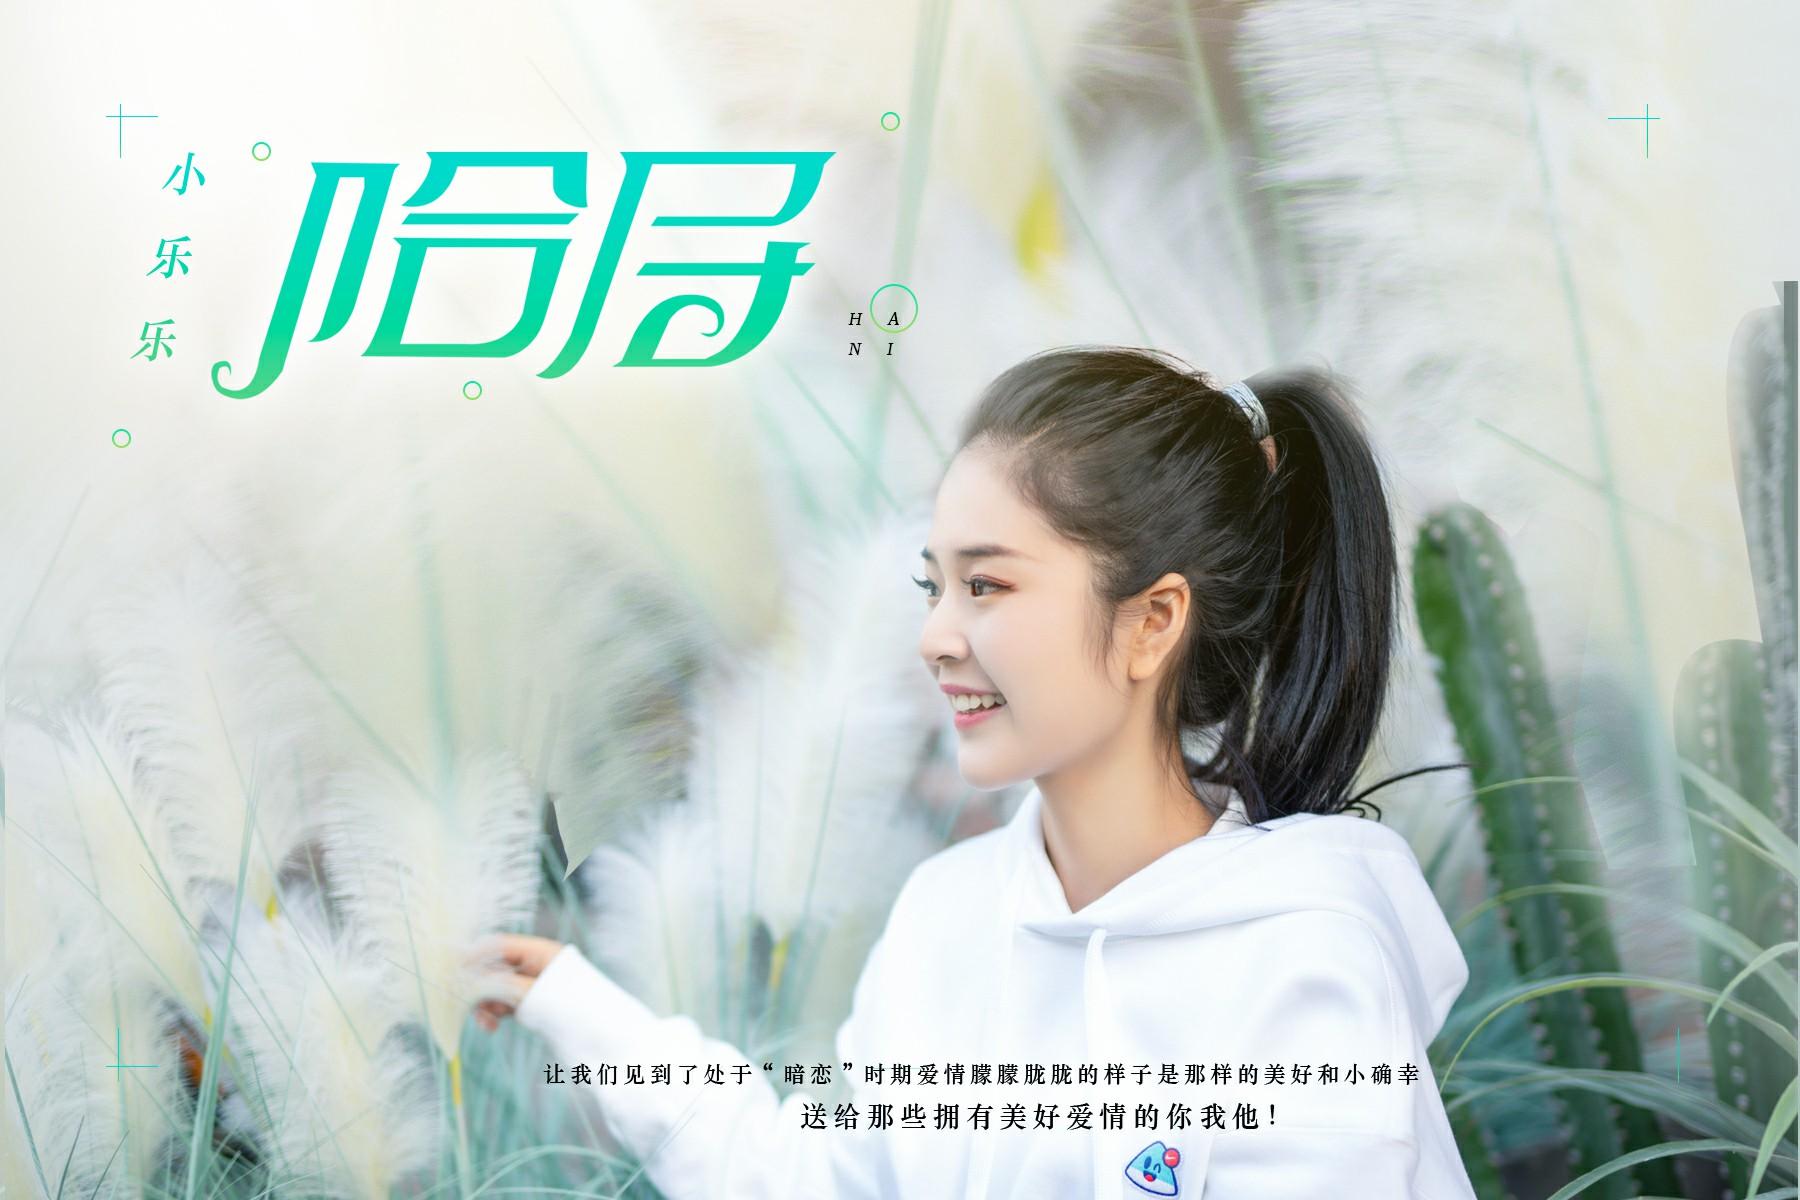 小乐乐首发单曲《哈尼》暗恋中属于爱情的小确幸